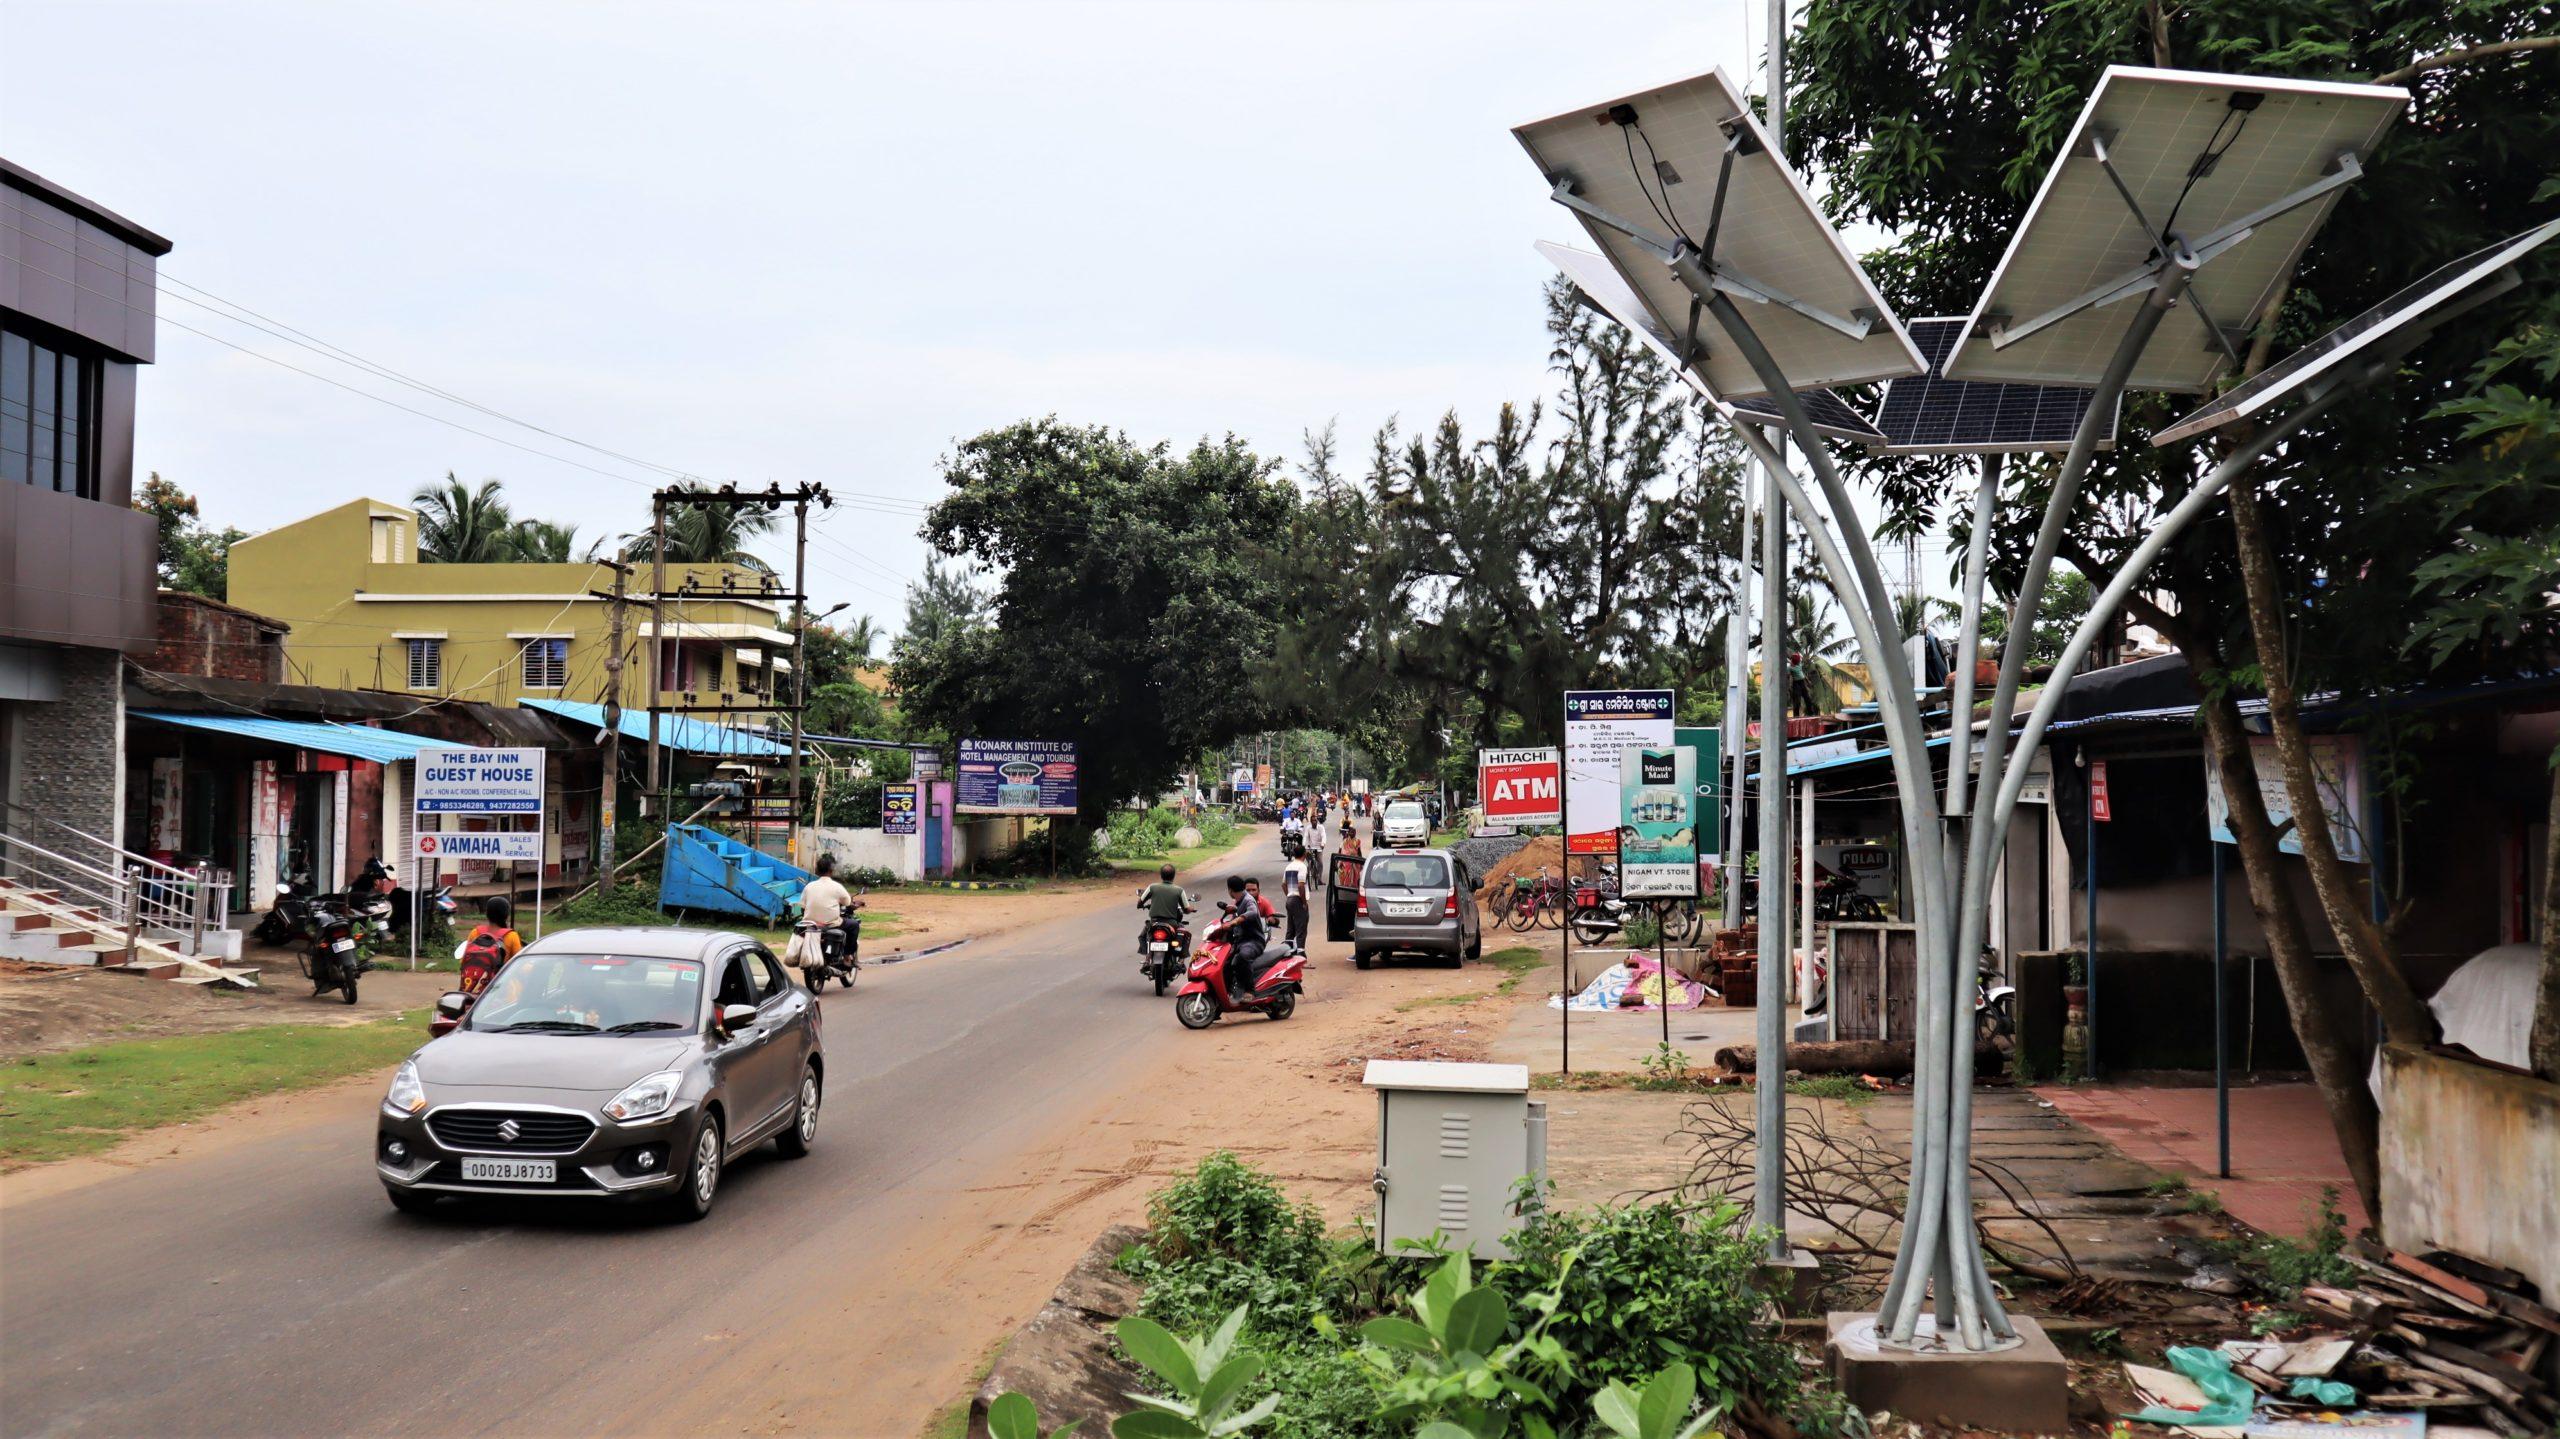 A solar tree at the roadside of Konark city. Photo by Manish Kumar/Mongabay.